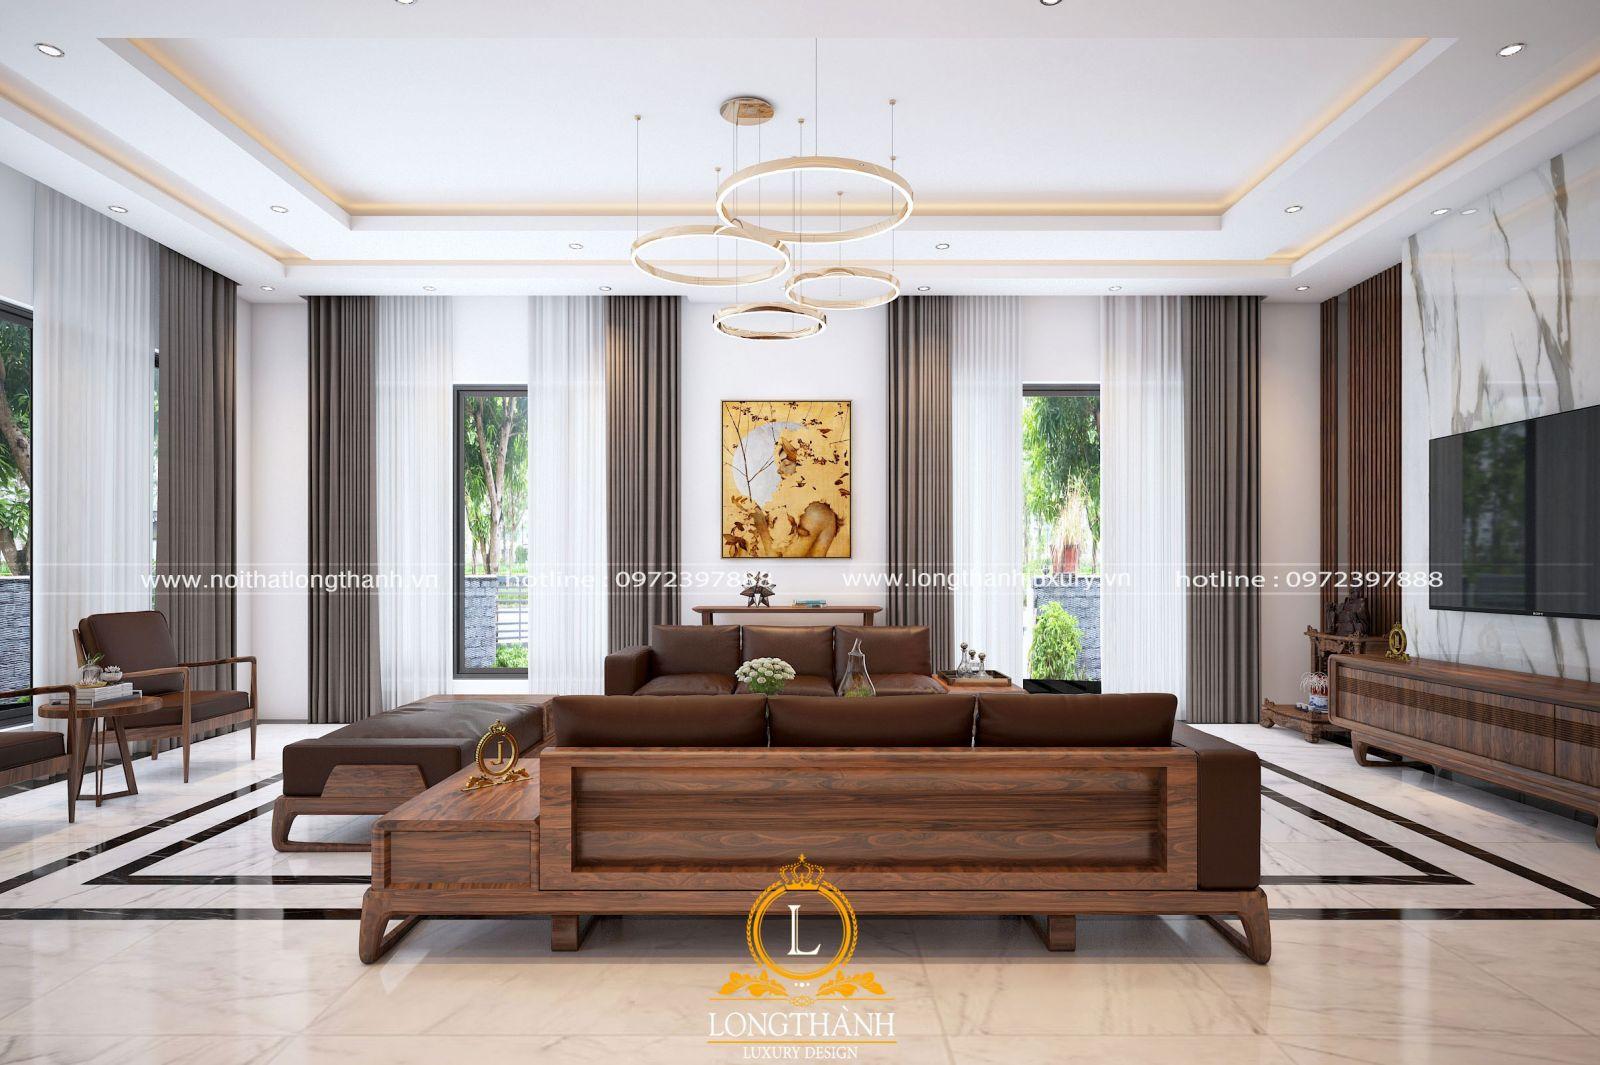 Màu sắc nhẹ nhàng cho phòng khách biệt thự hiện đại